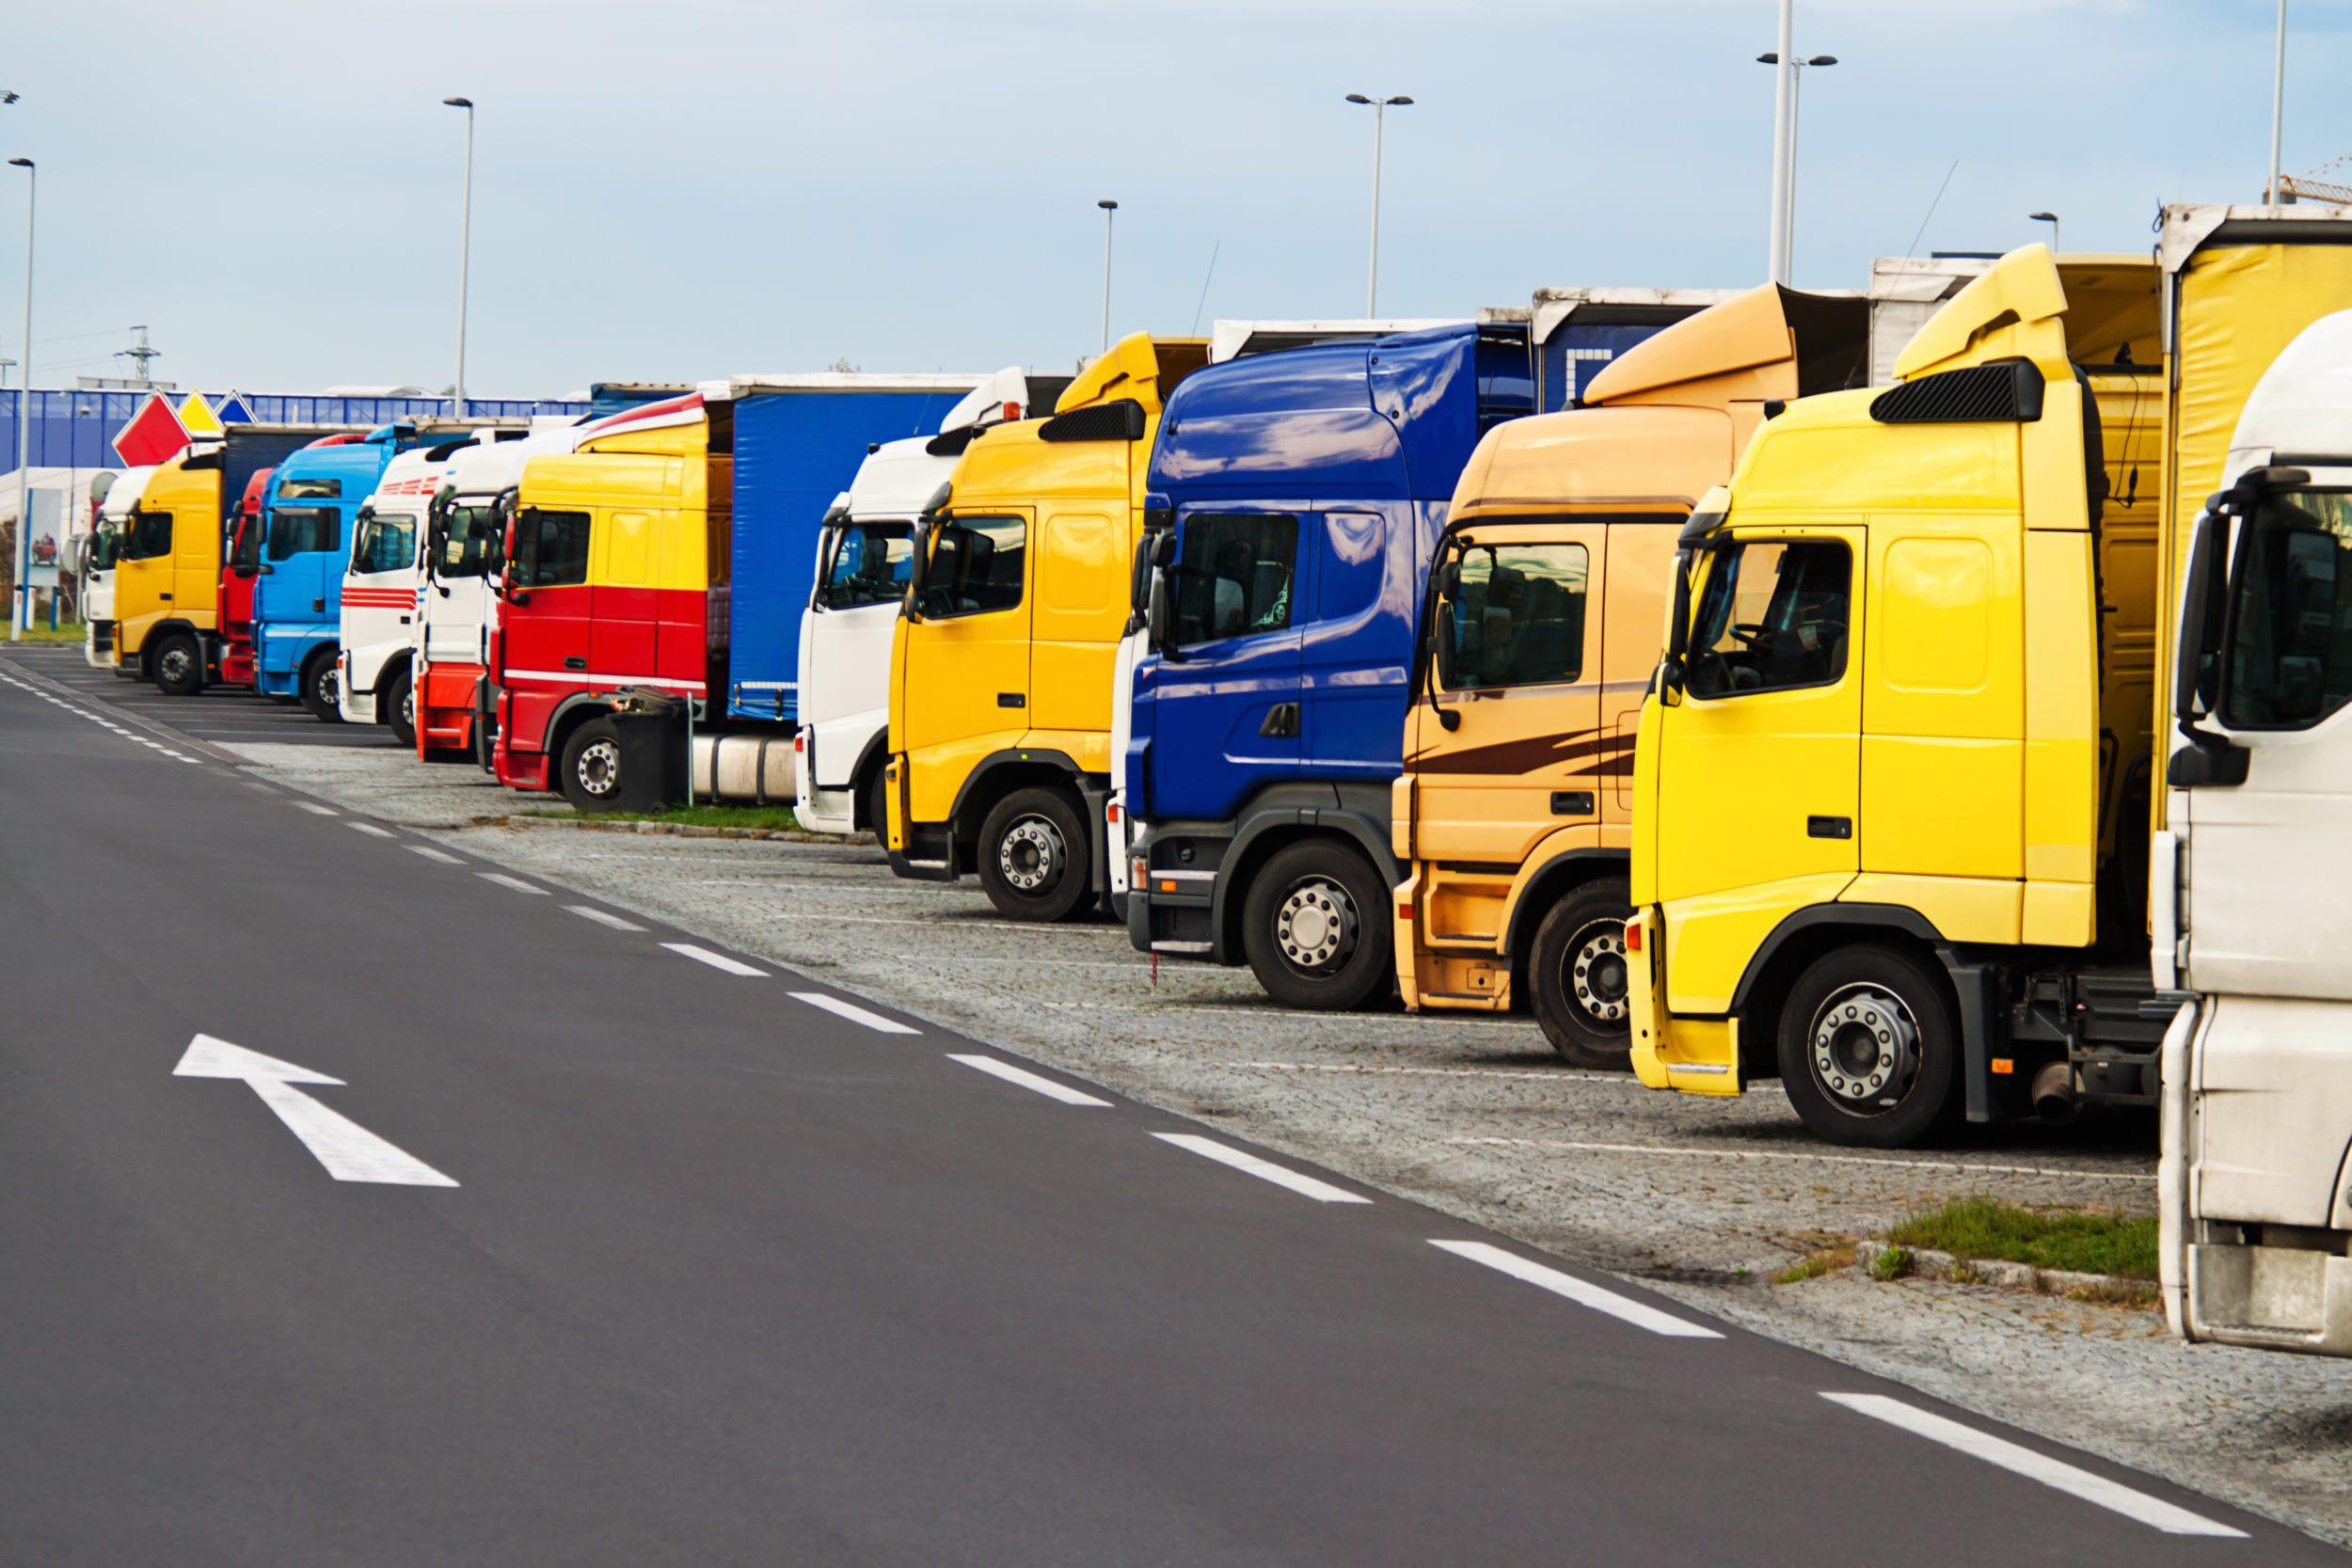 Familiedag i Ubby - Lastbiler, store biler og maskiner